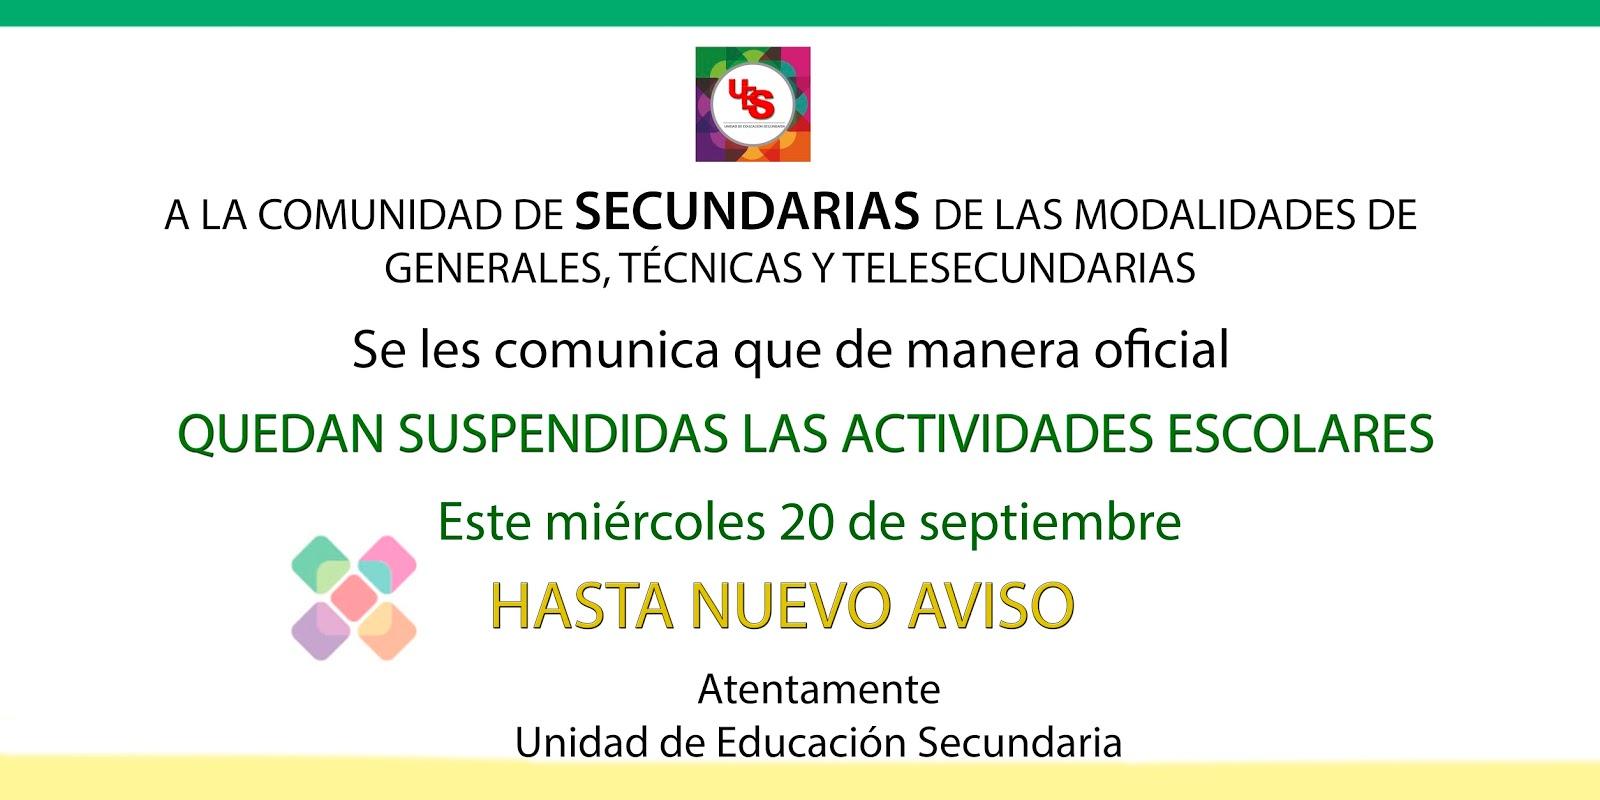 Unidad de Educación Secundaria - IEEPO: 2017